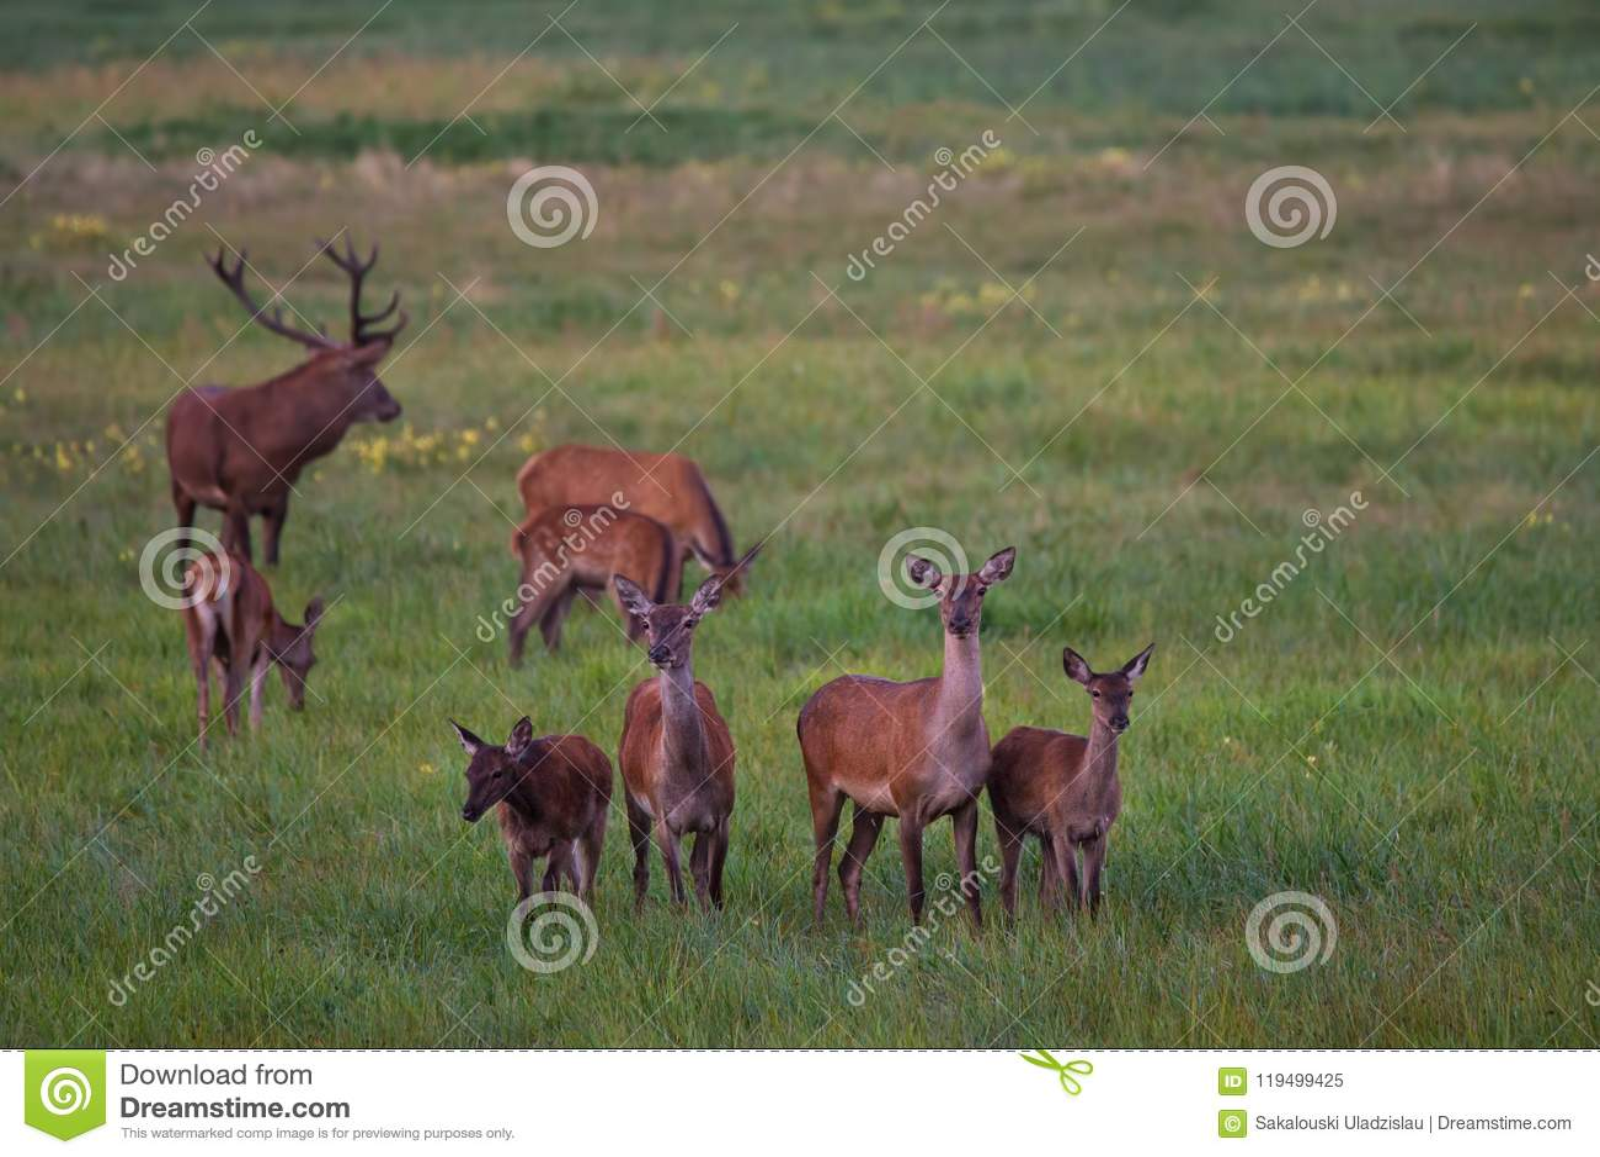 Herde edlen Rotwild Cervidae Graze On eine grüne Wiese mit Löwenzahn Acht unterschiedliches Alters-Rotwild: Ein Hirsch und sieben